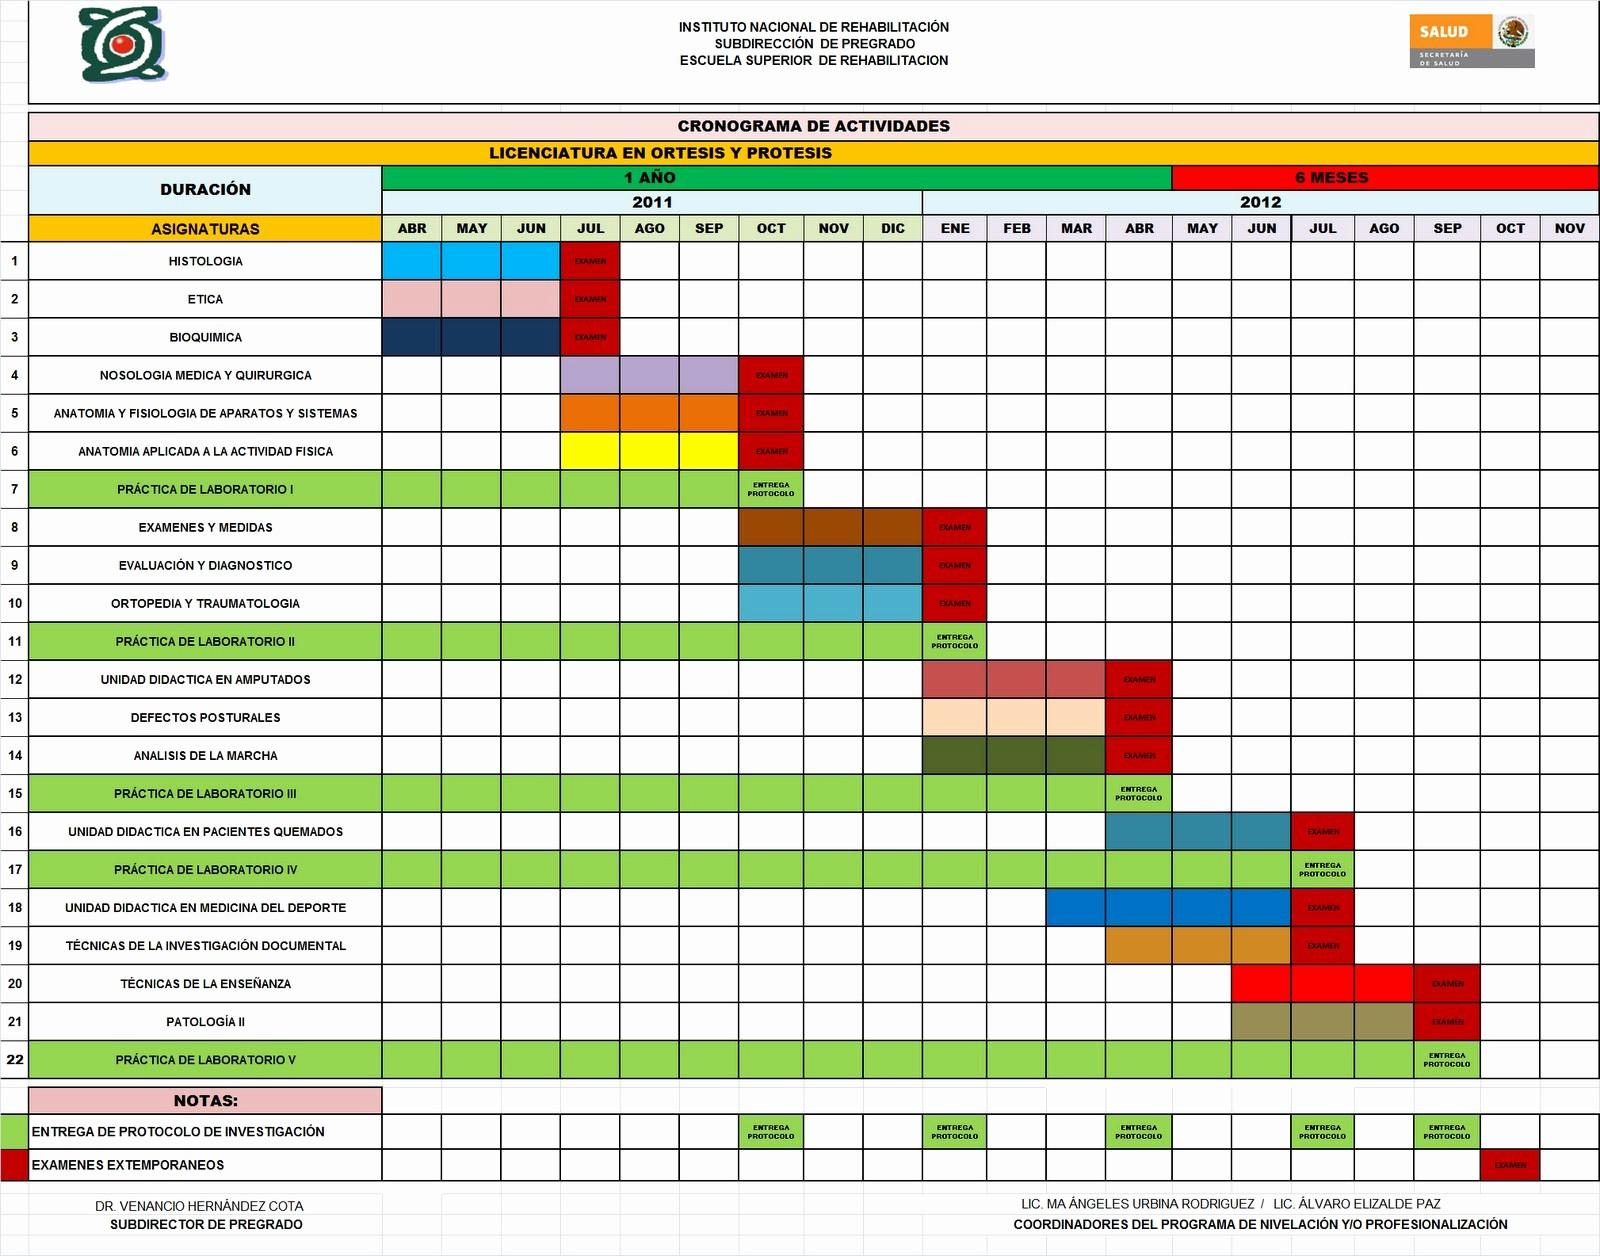 Cronogramas De Actividades En Excel Elegant Licenciatura En Órtesis Y Prótesis Cronograma De Actividades